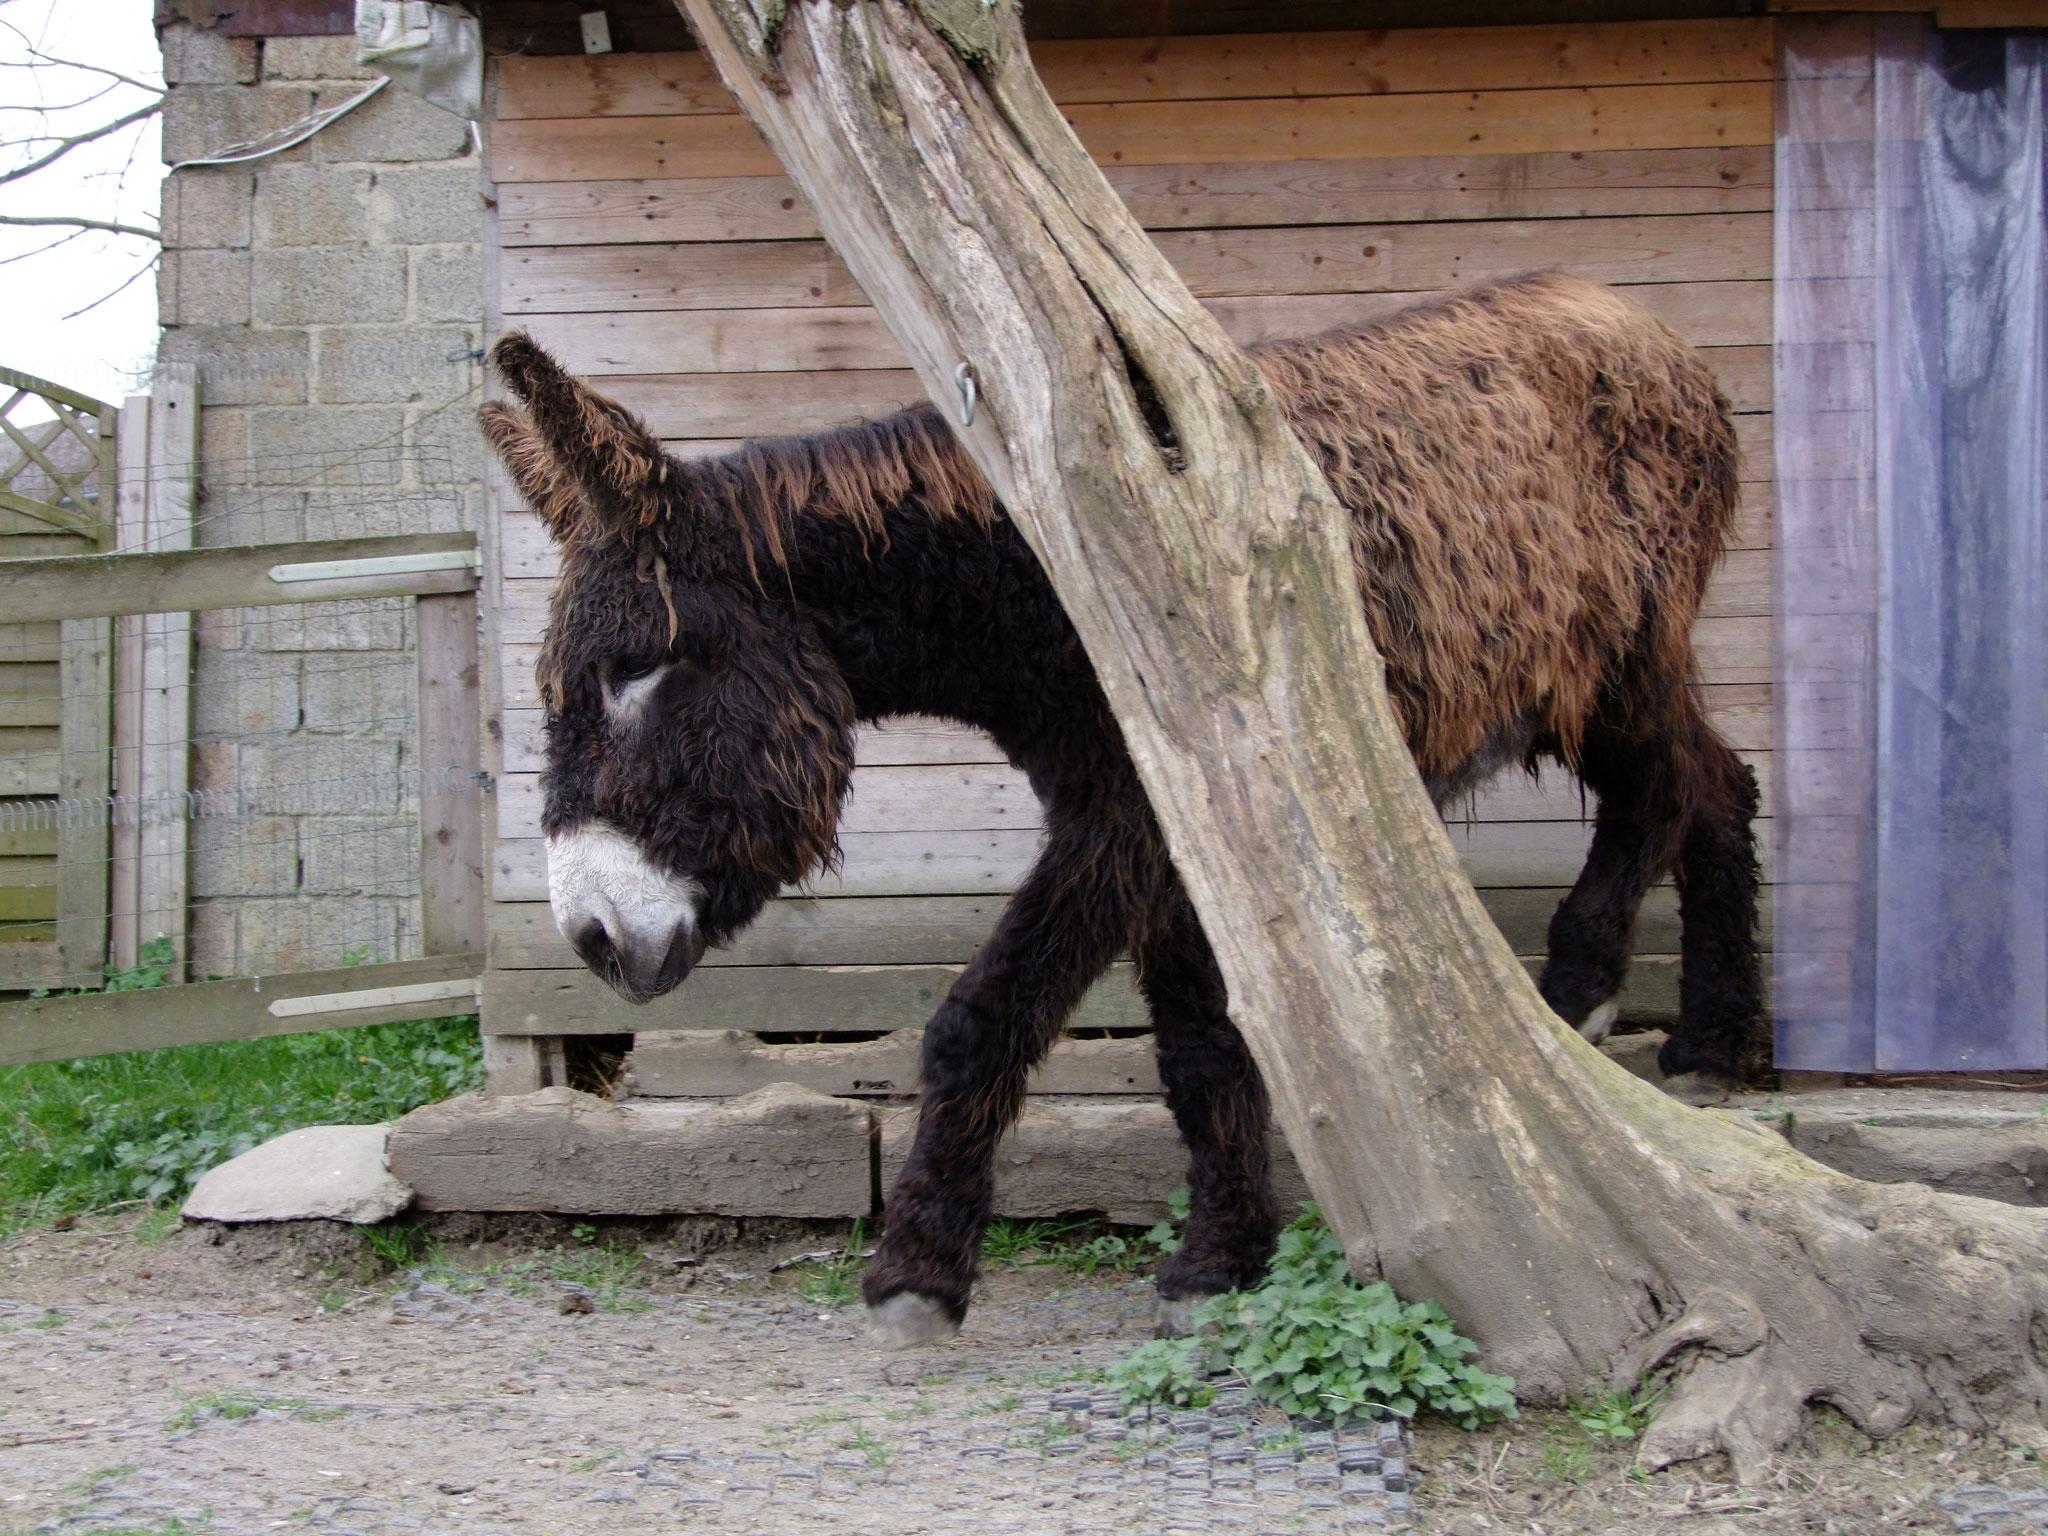 Großesel aus dem Zoo in Münster